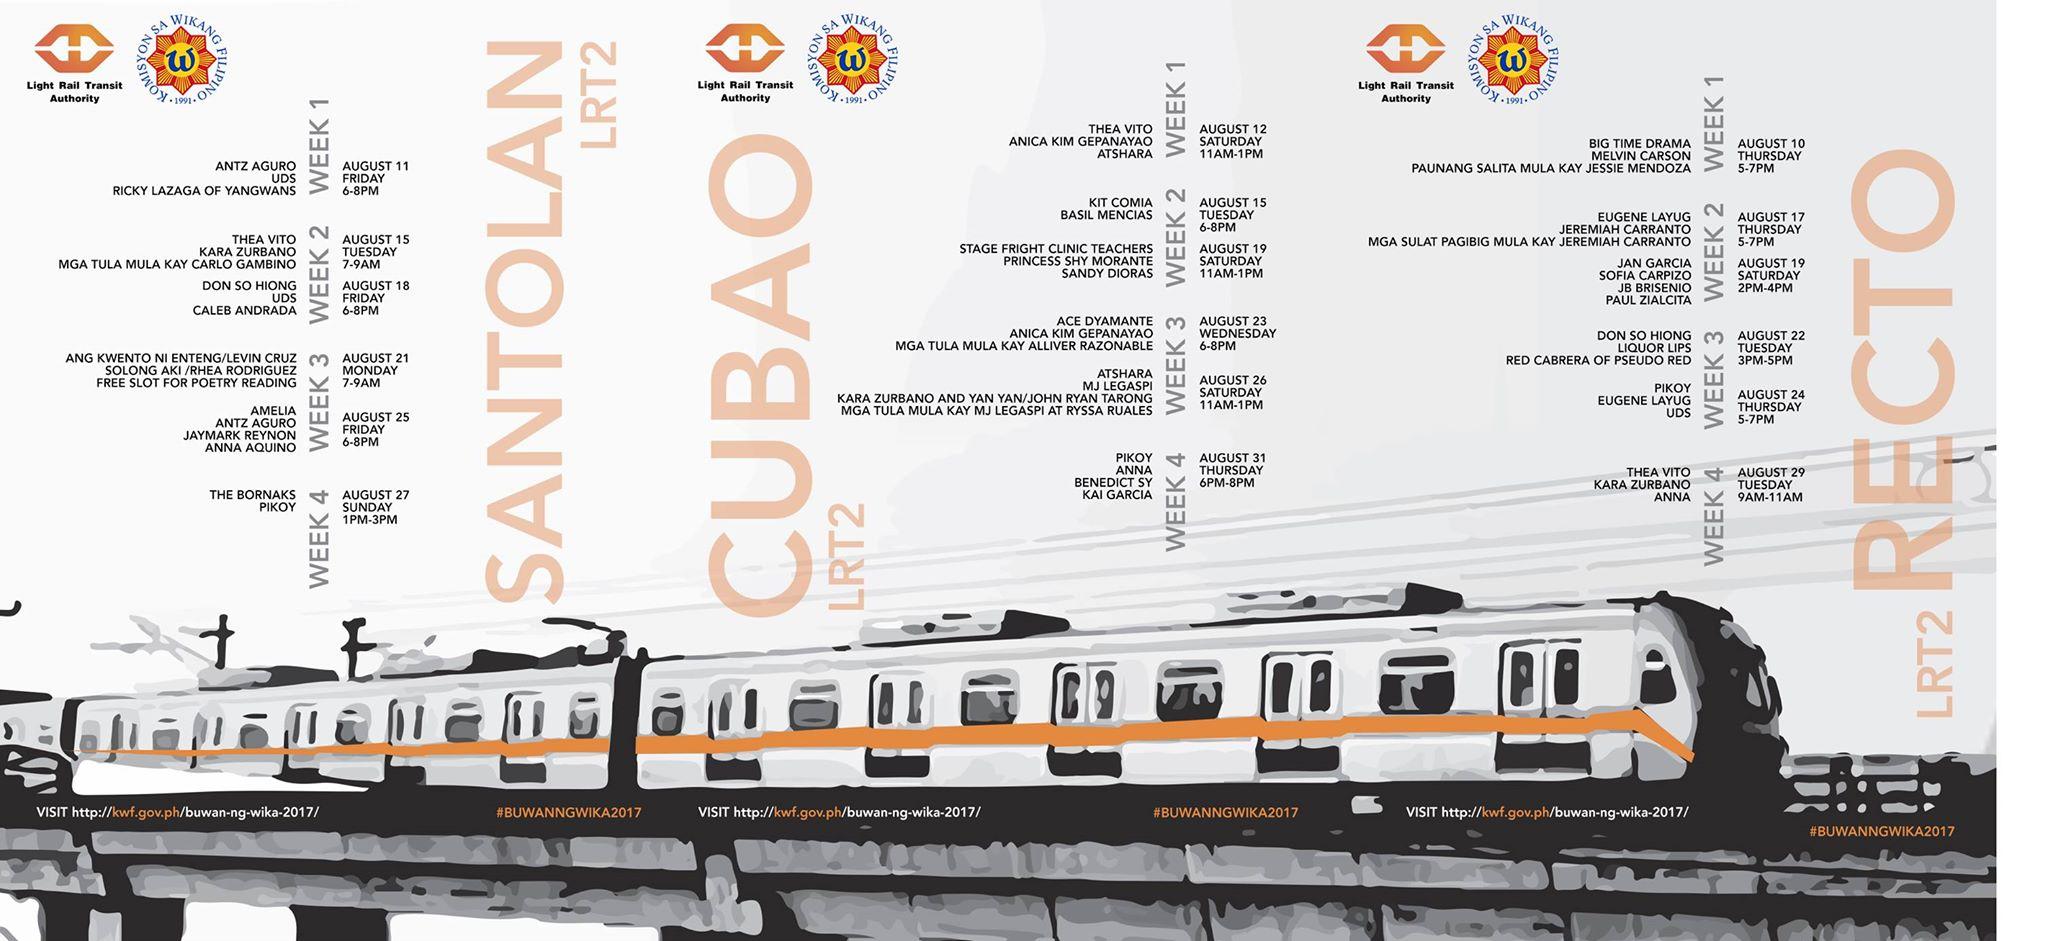 Pagtatanghal Agosto 10-31, 2017 LRT2 Stations para Buwan ng Wikang Pambansa